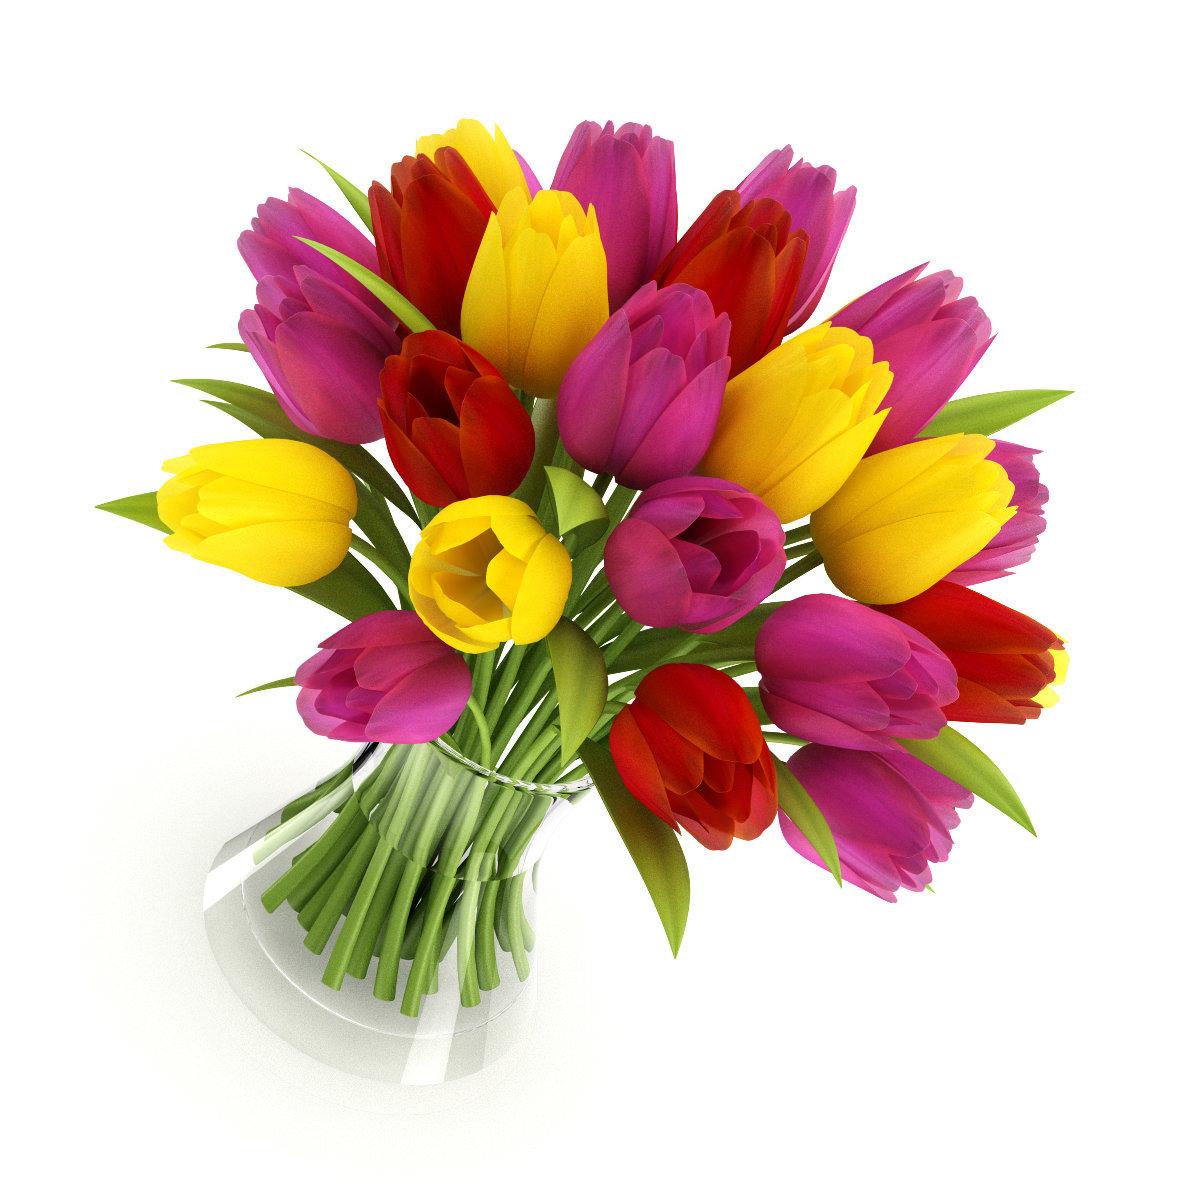 состоял сверху картинки тюльпаны желто красные в букете мачиев сейчас